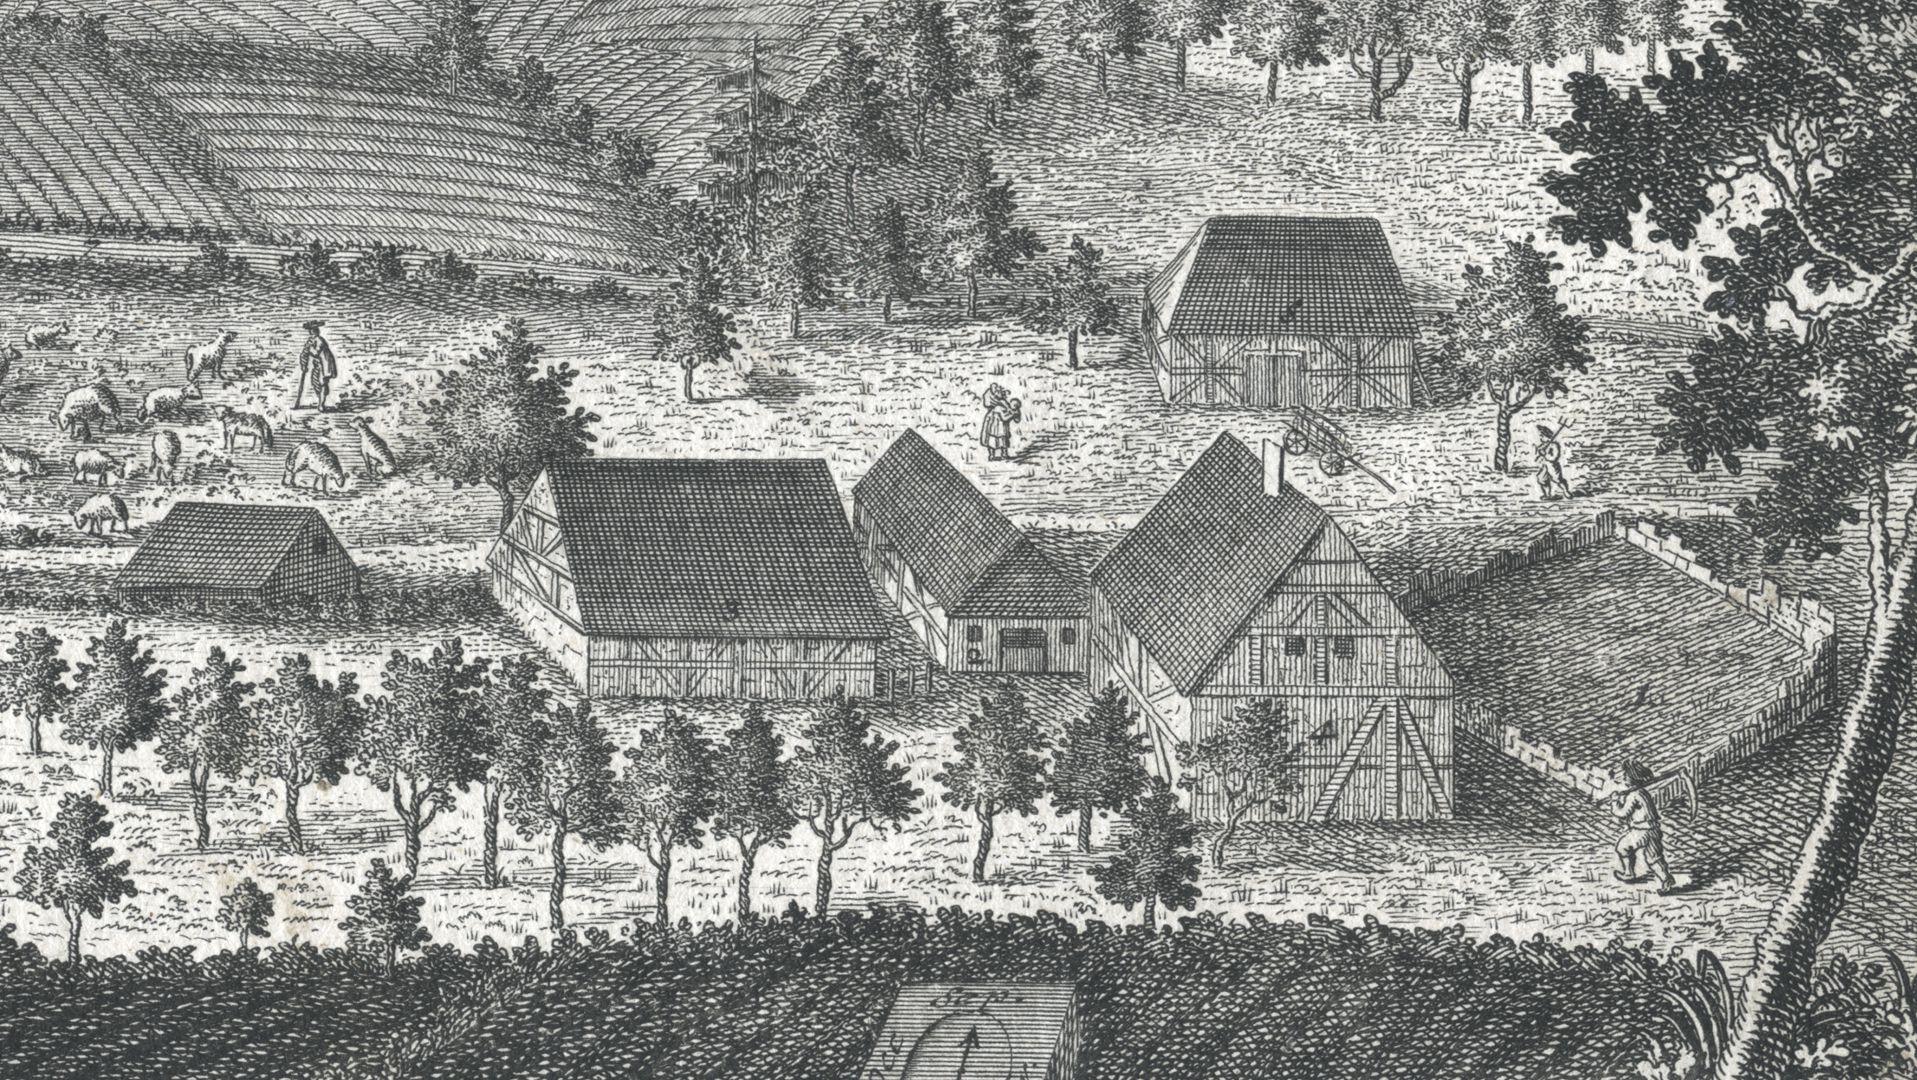 Grieß=Hoff  (Griess farm) Detail view with farm buildings